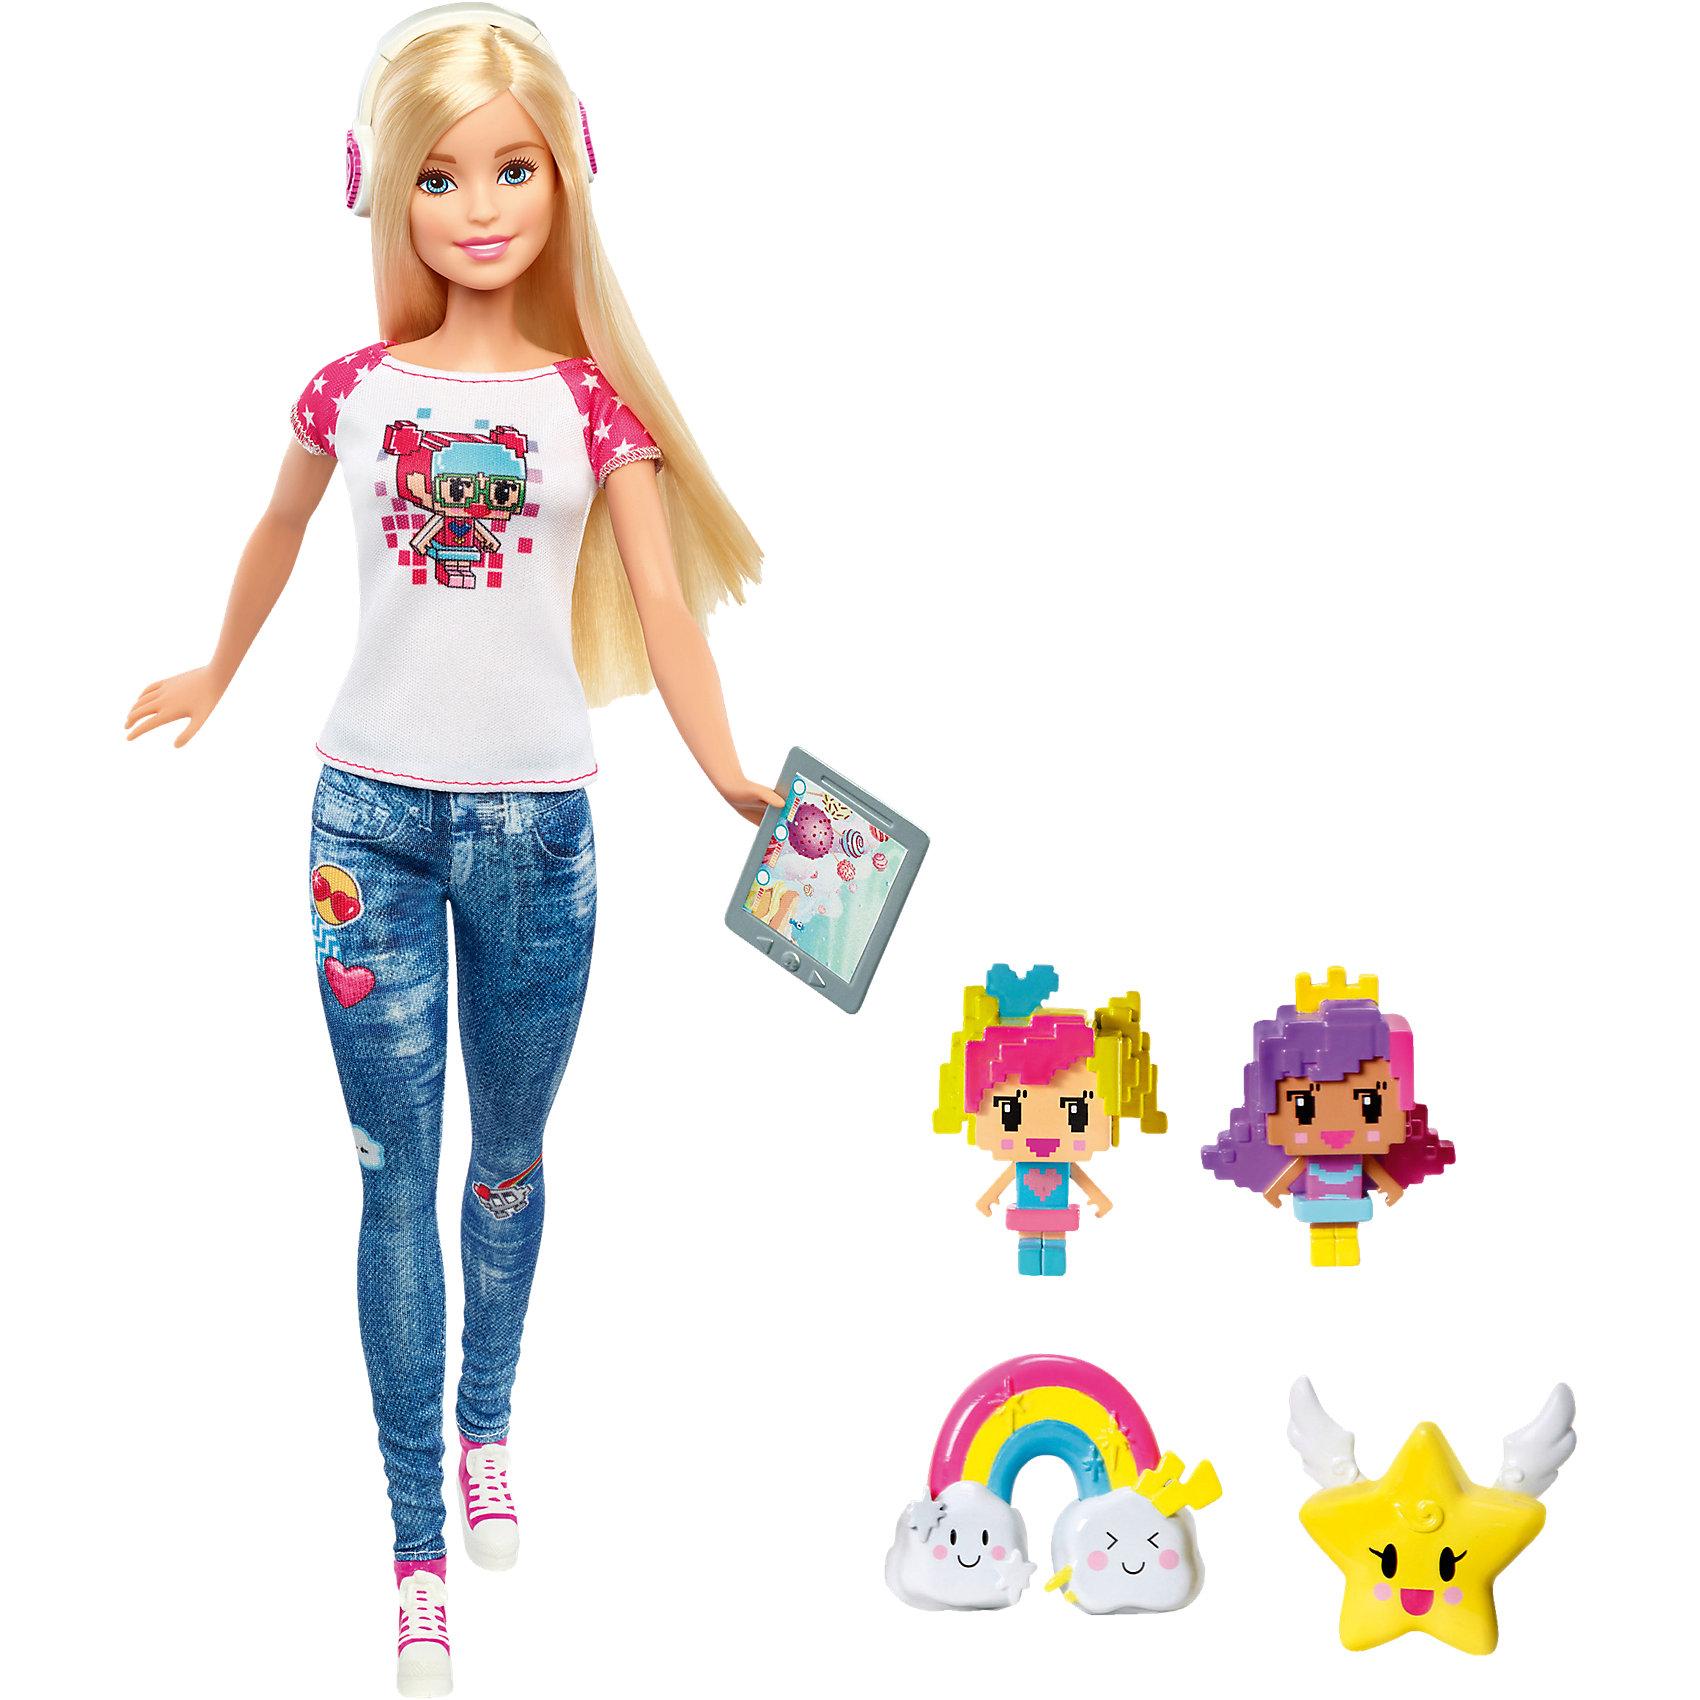 Кукла-геймер из серии «Barbie и виртуальный мир»Кукла-геймер из серии «Barbie и виртуальный мир», (Барби)<br><br>Характеристики:<br><br>• яркий наряд в стиле настоящего геймера <br>• в комплекте: кукла, аксессуары <br>• материал: пластик, текстиль <br>• размер упаковки: 23х6,5х33 см<br>• вес: 349 грамм<br><br>Эта кукла Барби отлично разбирается в компьютерных играх. И даже ее одежда полностью соответствует стилю настоящего геймера. Кукла одета в обтягивающие джинсы, яркую футболку и розовые кеды. Голову украшают стильные розовые наушники. Красочные забавные аксессуары, входящие в комплект, придадут игре еще больше реалистичности. С этой куклой девочка сможет придумать различные истории для фанатки виртуальной реальности.<br><br>Куклу-геймер из серии «Barbie и виртуальный мир», (Барби) вы можете купить в нашем интернет-магазине.<br><br>Ширина мм: 328<br>Глубина мм: 230<br>Высота мм: 63<br>Вес г: 304<br>Возраст от месяцев: 36<br>Возраст до месяцев: 72<br>Пол: Женский<br>Возраст: Детский<br>SKU: 5257086